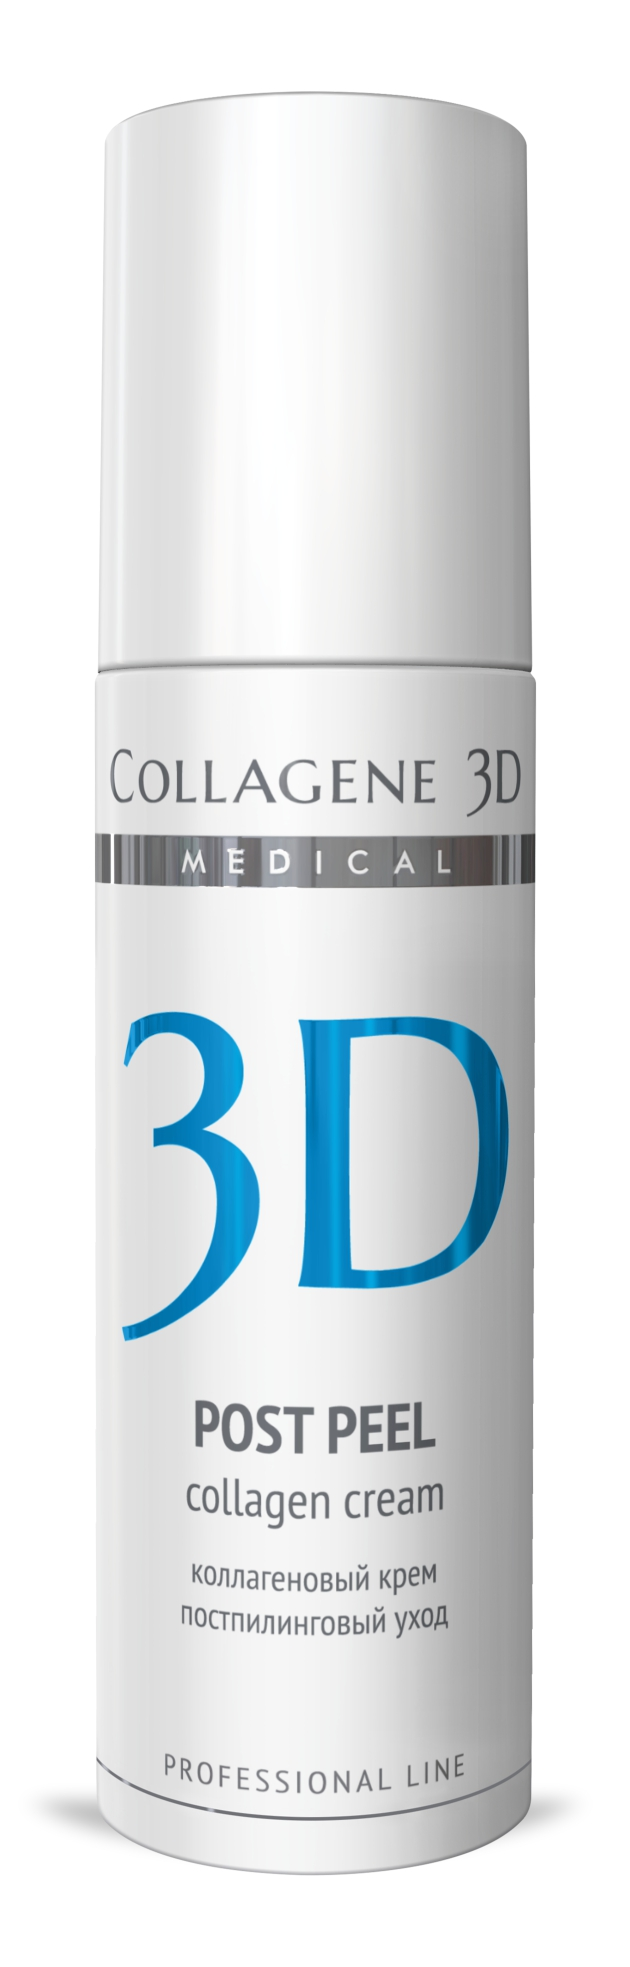 MEDICAL COLLAGENE 3D Крем с коллагеном, УФ-фильтром (SPF7) и нейтразеном для лица Post Peel 150мл проф.Кремы<br>Предназначен для ухода за кожей в период реабилитации после дермабразивных процедур, эффективно устраняет нейрогенную боль благодаря активному олигопептиду   Нейтразену . В составе естественный УФ-фильтр (масло авокадо), мощные заживляющие компоненты   пантенол, лецитин и натуральный трехспиральный коллаген. Крем обеспечивает защитный гидролипидный барьер для поврежденной кожи. Активные ингредиенты: нативный трехспиральный коллаген, Нейтразен , масло авокадо, пантенол, лецитин. Способ применения: крем рекомендован для реабилитации после химических пилингов. Нанести тонким слоем на предварительно очищенную кожу лица, шеи и область декольте. Кремы рекомендуются как для экспресс-процедур, так и для курсового применения. Курсовое применение: 8-10 процедур. Проводить по 1 процедуре ежедневно или через день. Поддерживающие процедуры следует проводить 1 раз в неделю.<br><br>Объем: 150<br>Вид средства для лица: Защитный